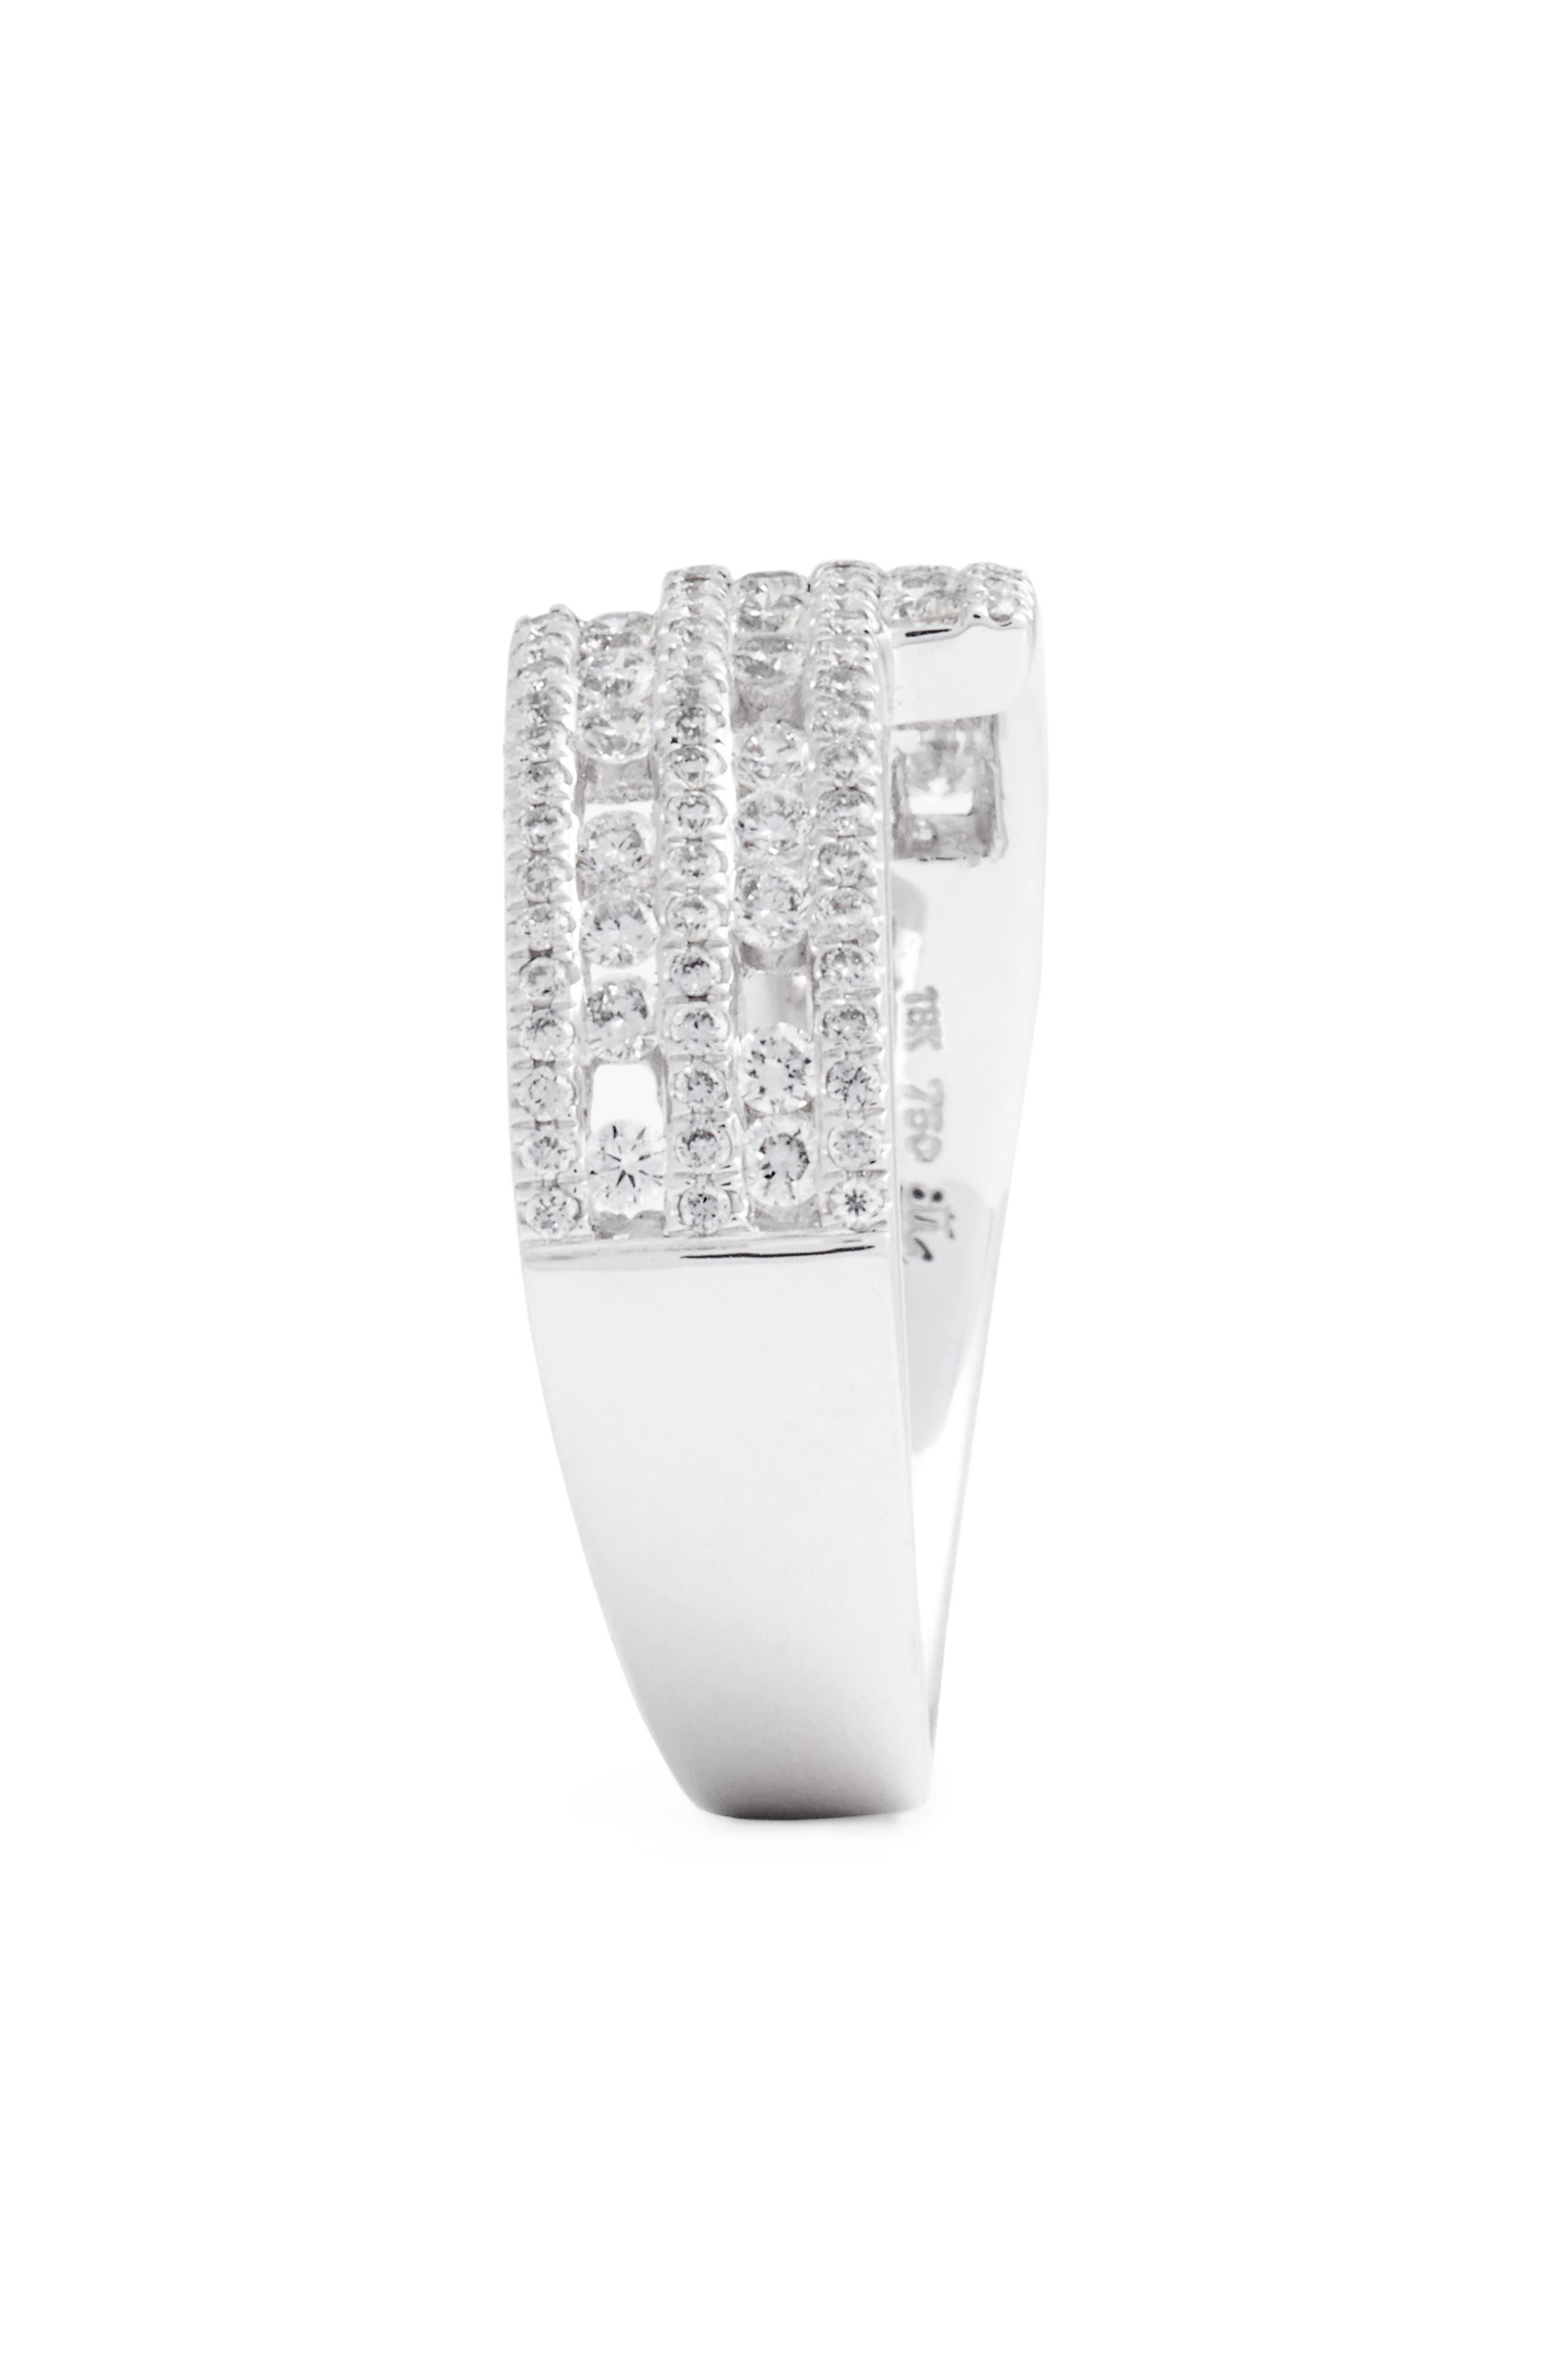 Amara Luxe Wrap Diamond Ring,                             Alternate thumbnail 2, color,                             White Gold